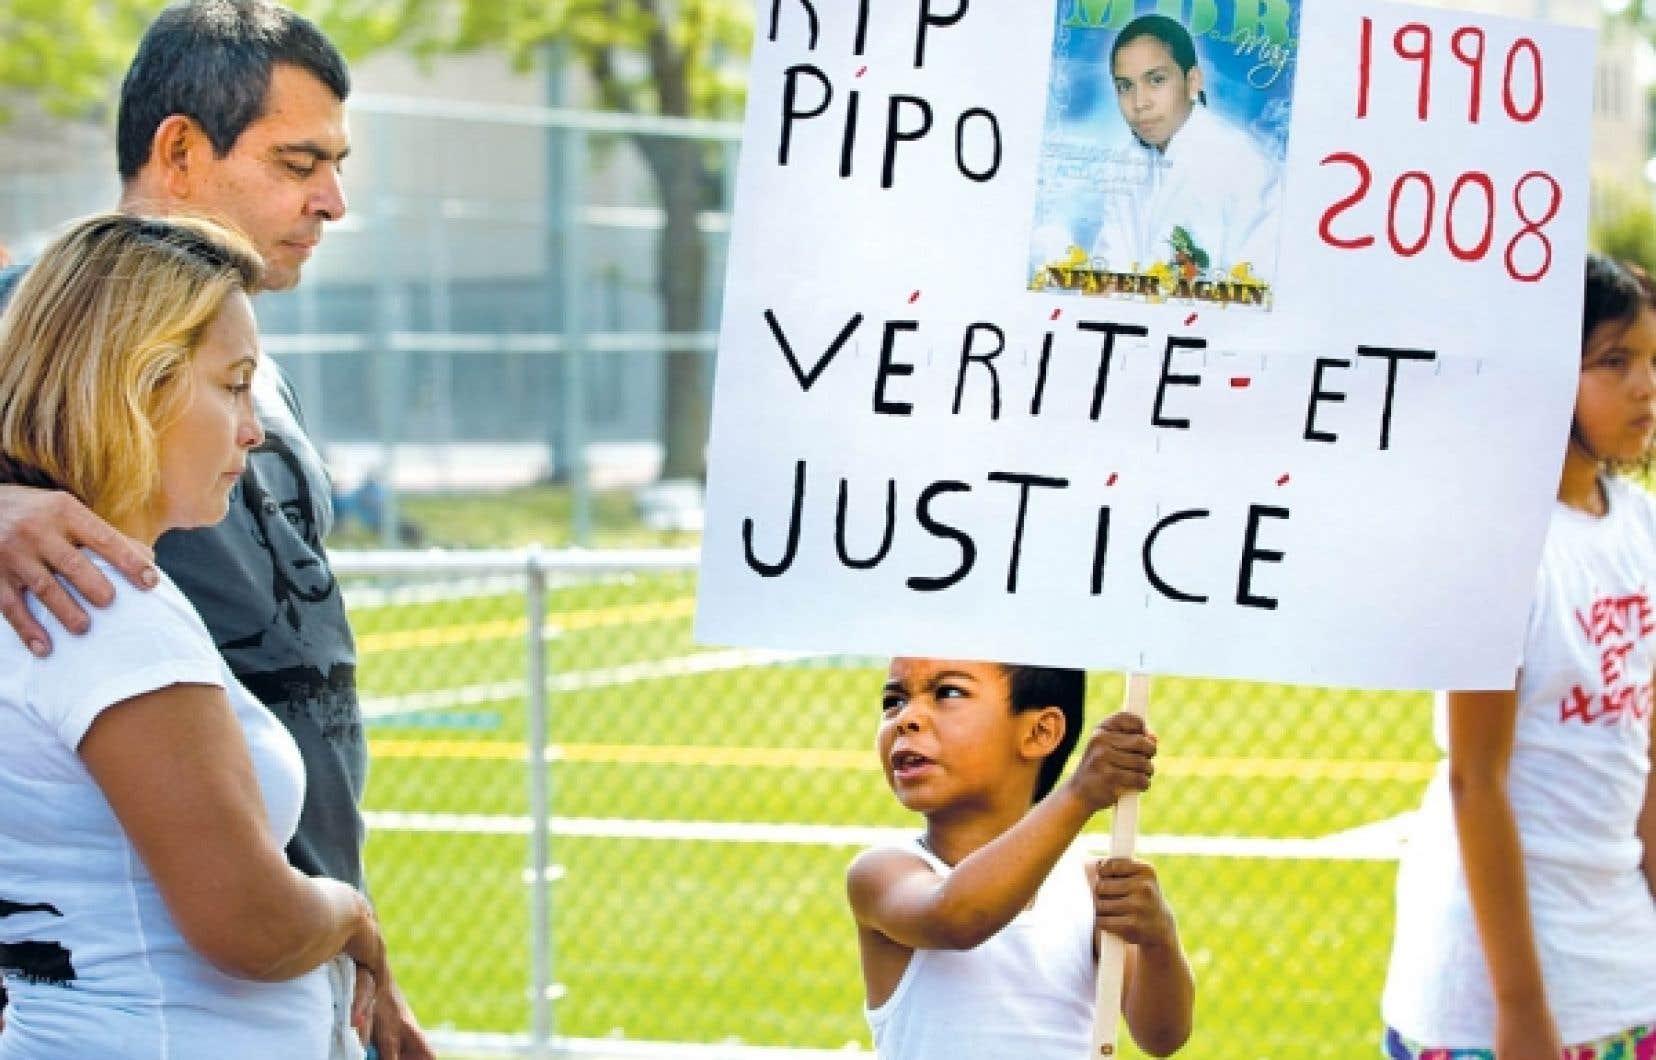 Un jeune garçon en colère, brandissant une pancarte, regarde les parents de Fredy Villanueva. Environ 75 personnes se sont jointes à la famille Villanueva pour marcher à la mémoire du jeune homme décédé le 9 août 2008.<br />